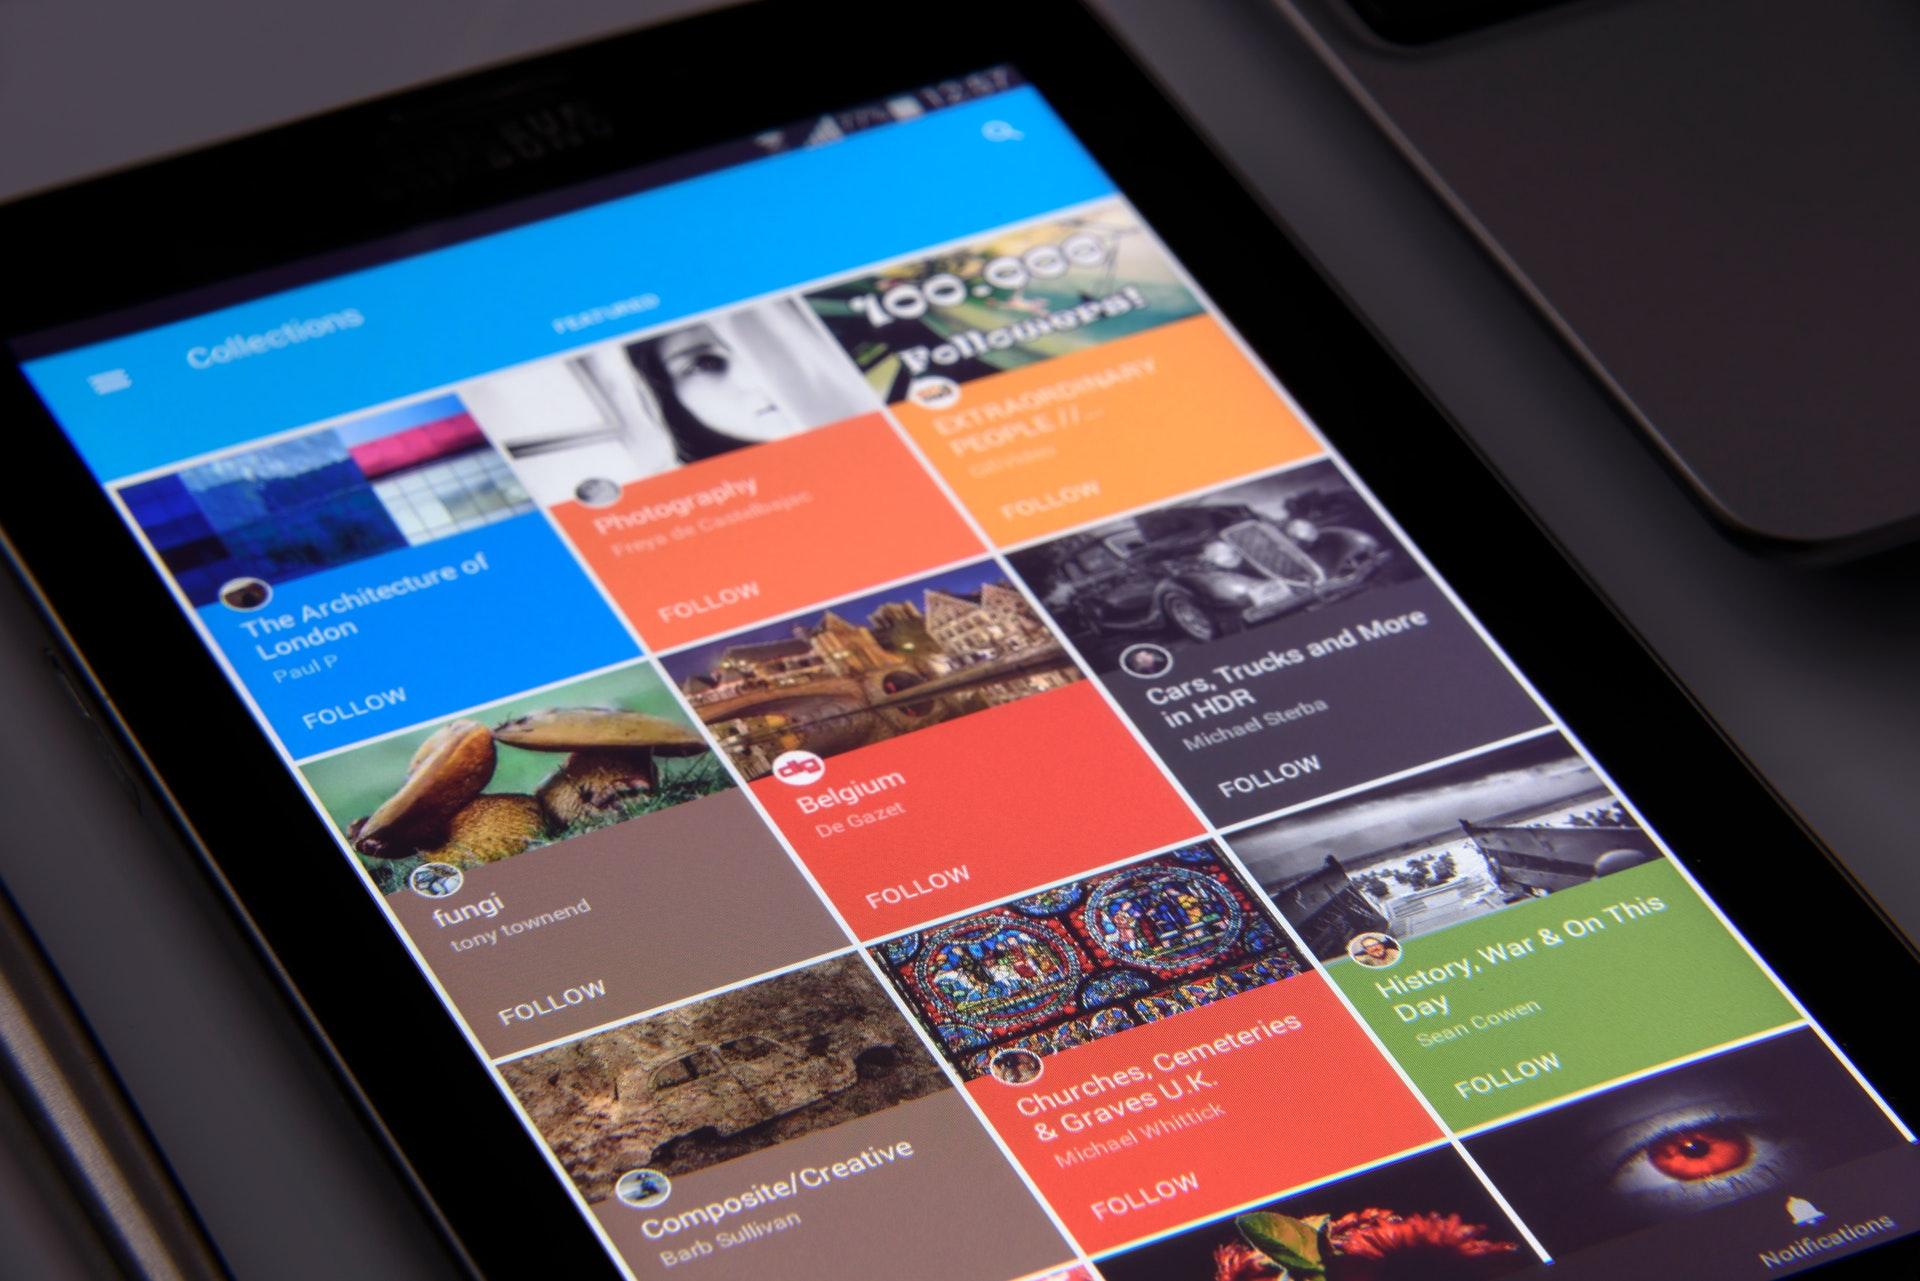 8689f47c6e7 6 head rakendust sinu telefoni, et saaksid end uudistega hästi kursis hoida